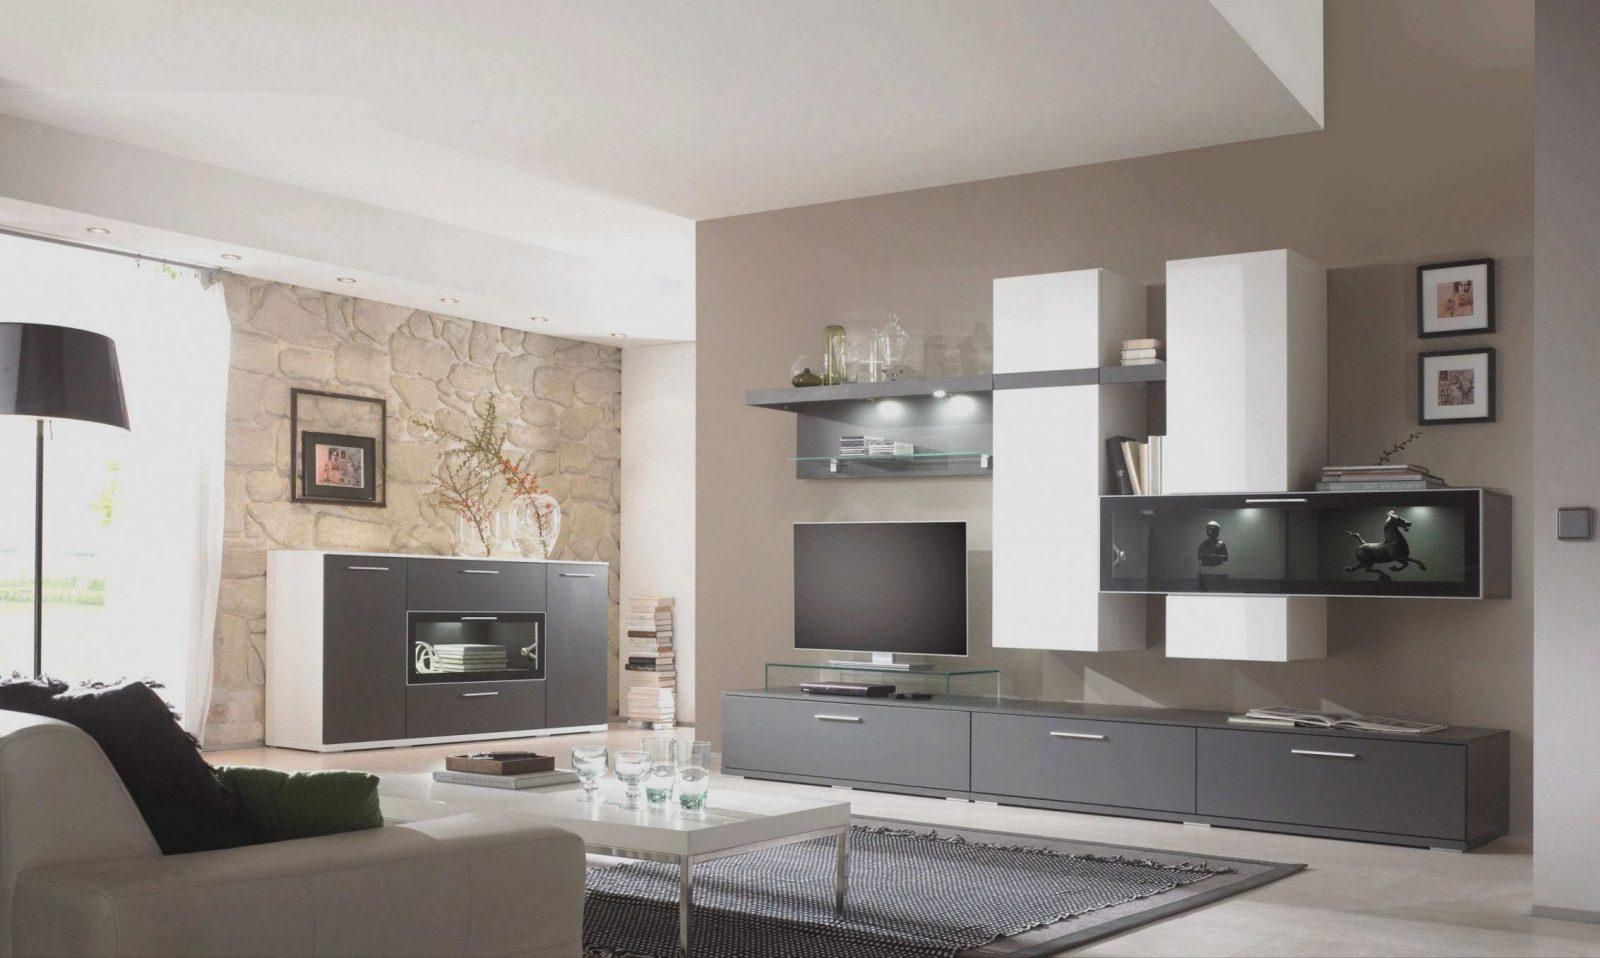 Welche Farbe Passt Zu Grauen Fliesen — Temobardz Home Blog von Welche Wandfarbe Passt Zu Grauen Möbeln Photo